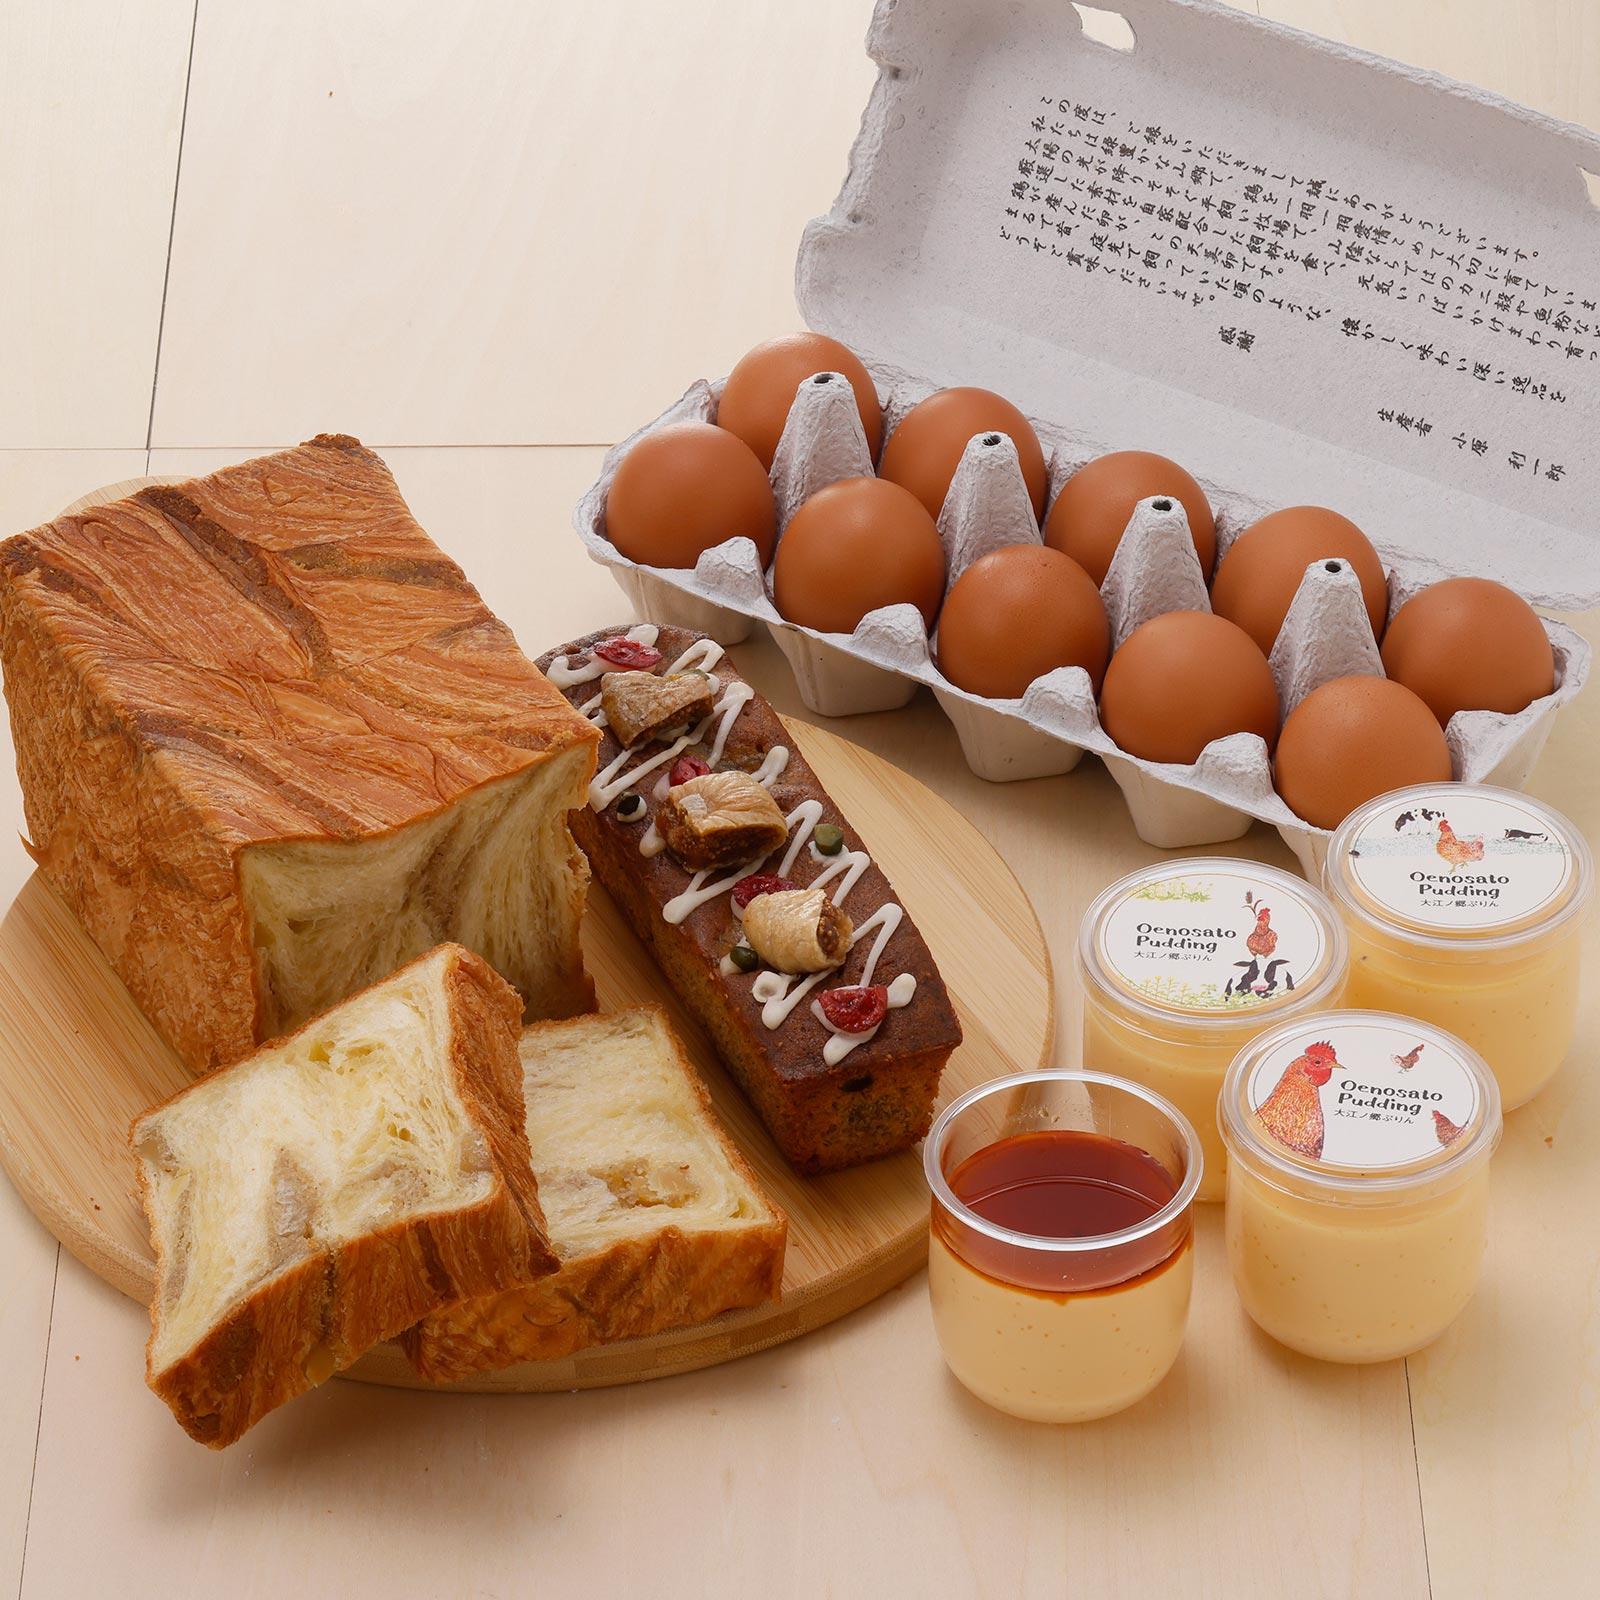 秋限定の和栗デニッシュと無花果と紅茶のミニパウンドケーキ、ぷりんや天美卵を詰め合わせた秋のギフトセット